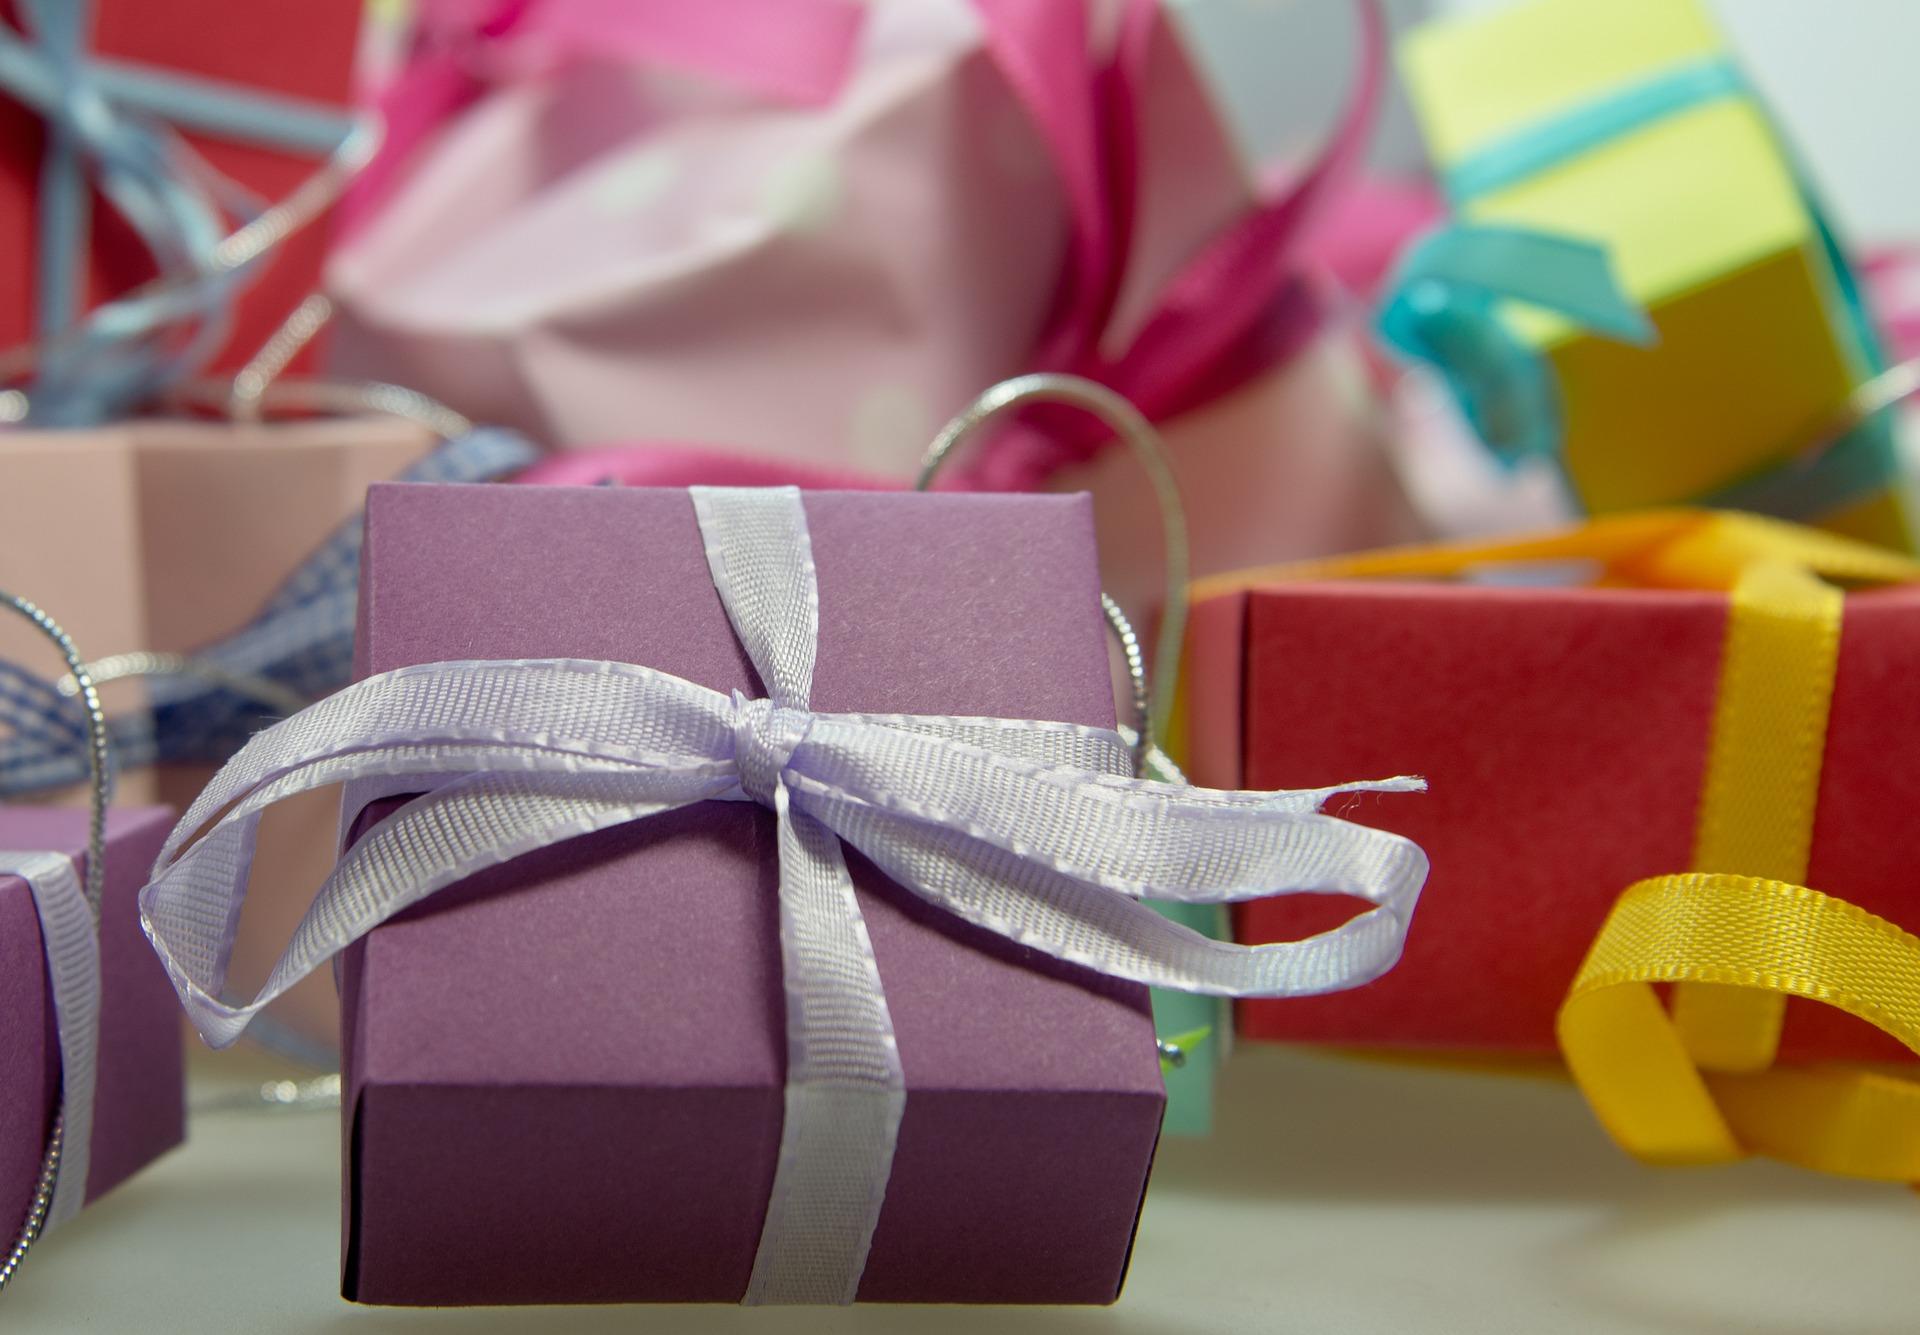 Carte cadeau : récompensez vos collaborateurs